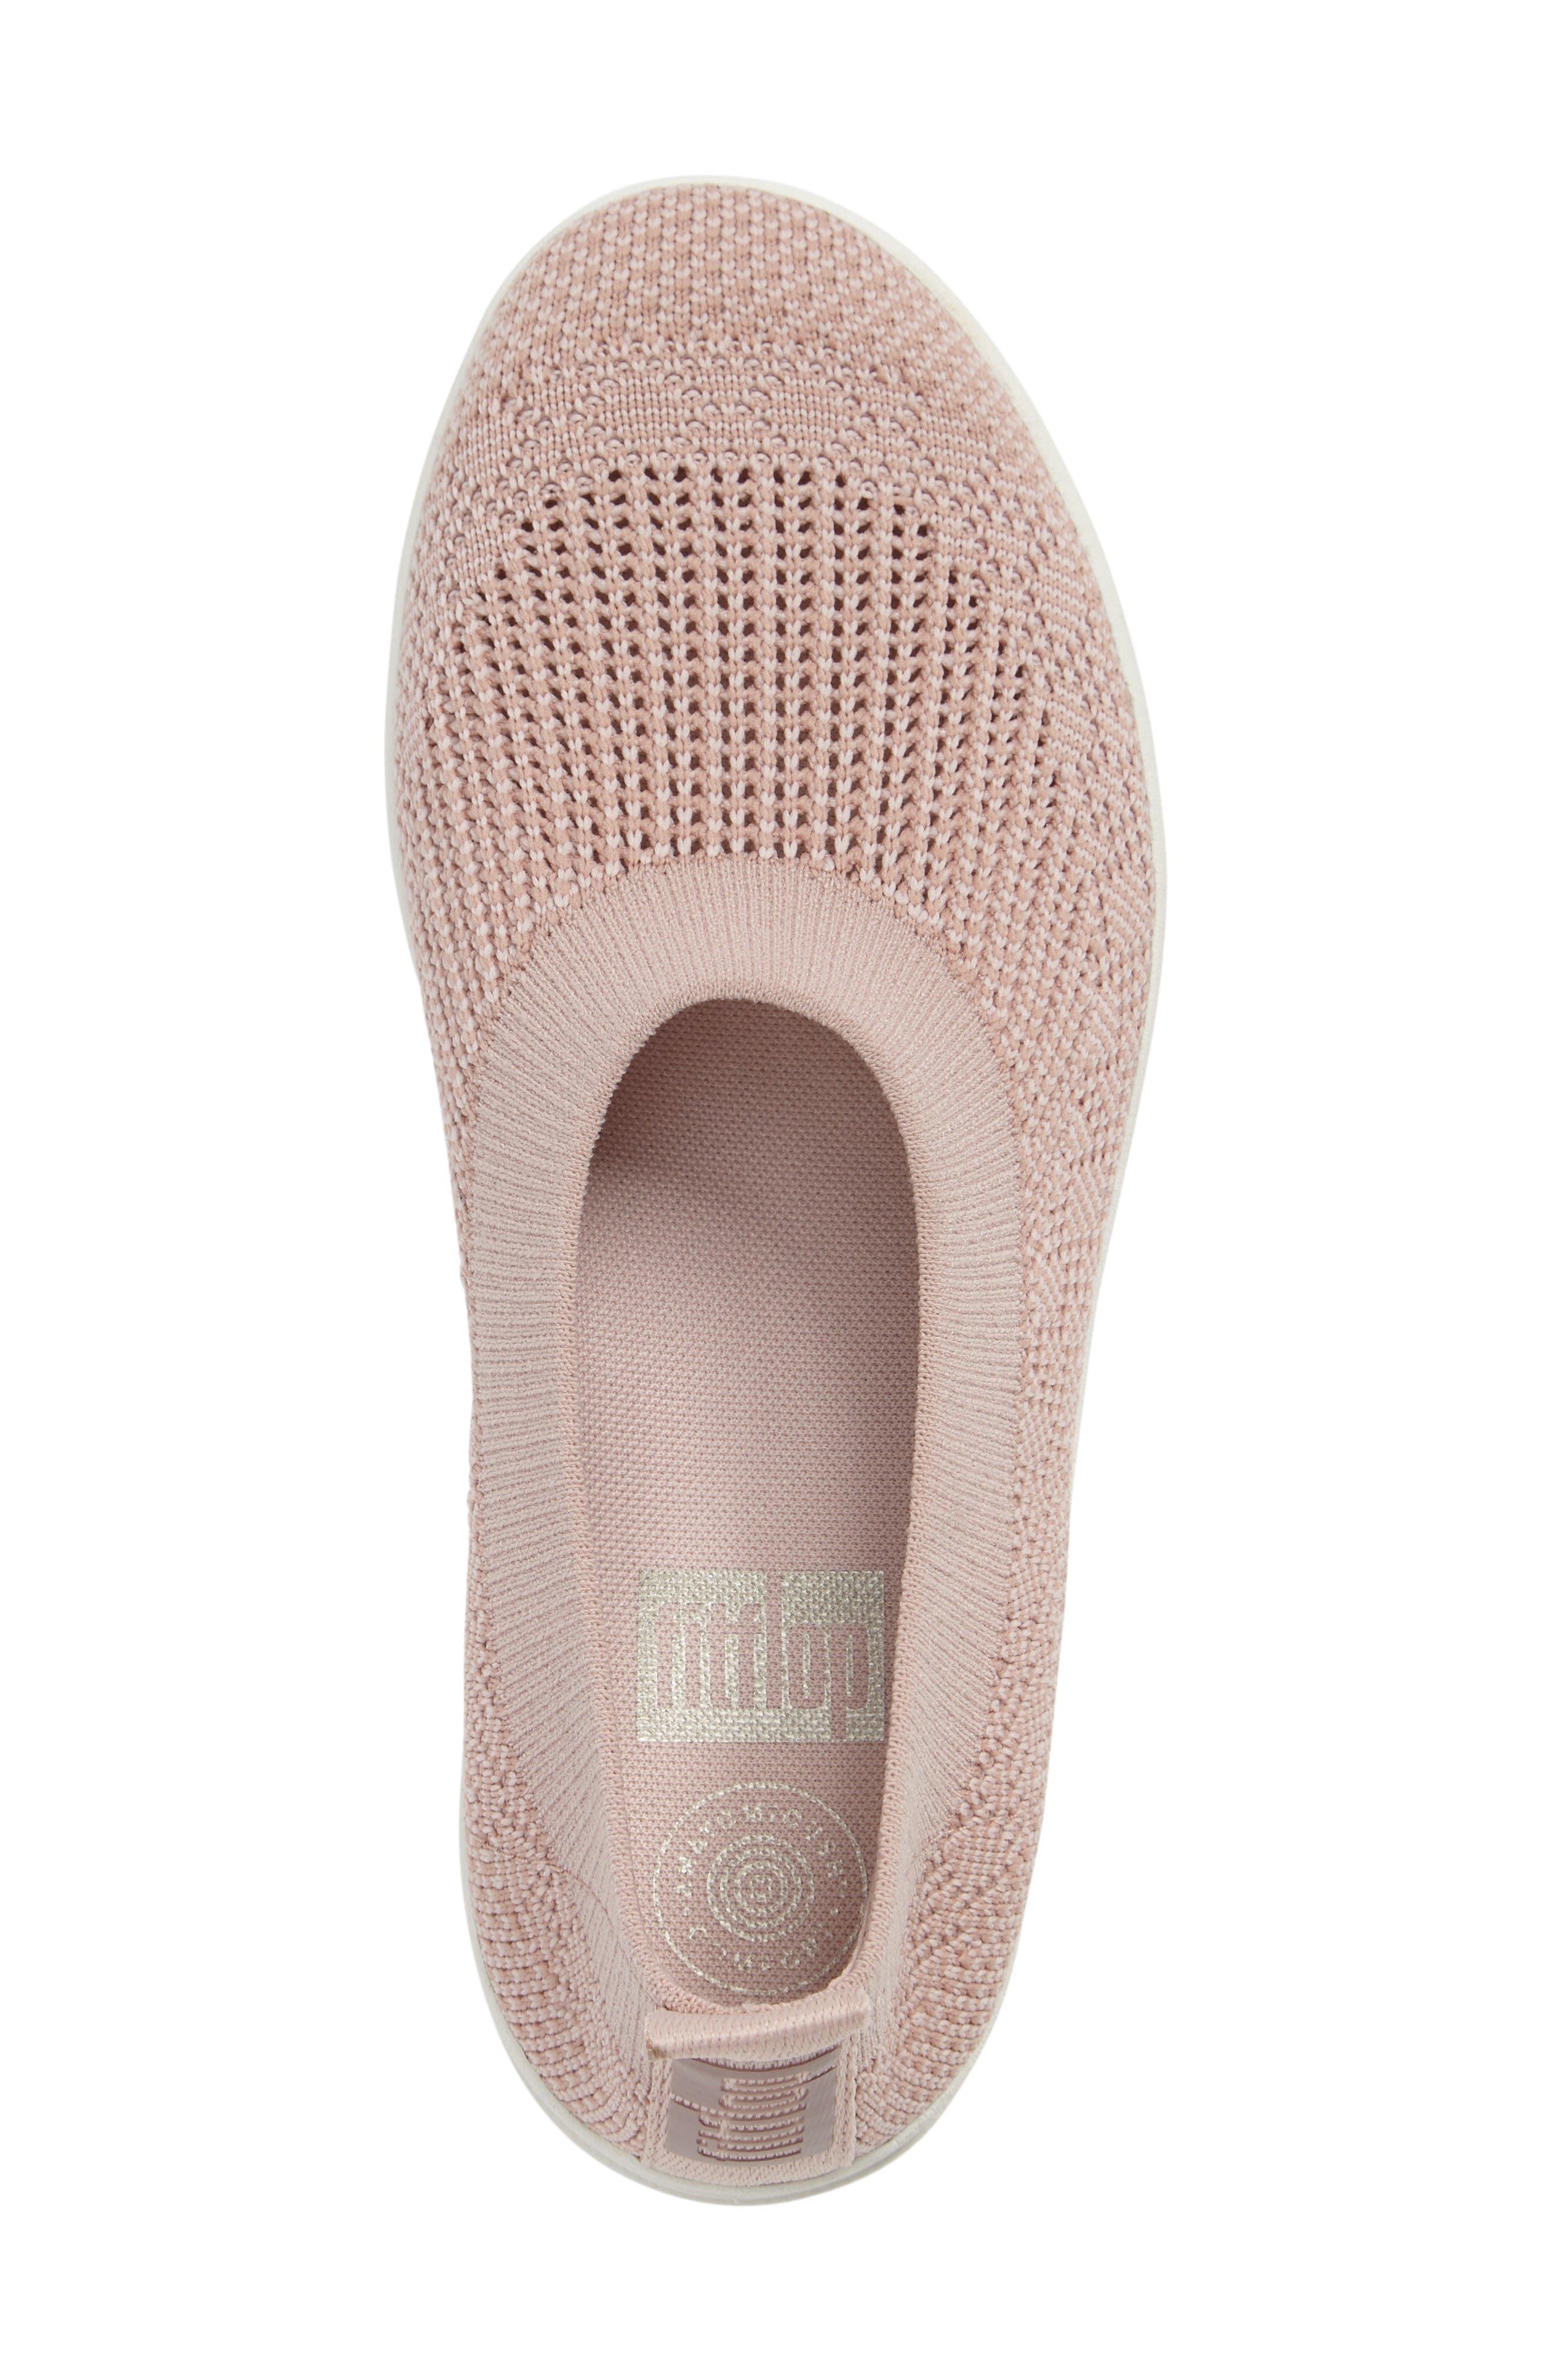 Alternate Image 3  - FitFlop Uberknit Slip-On Sneaker (Women)